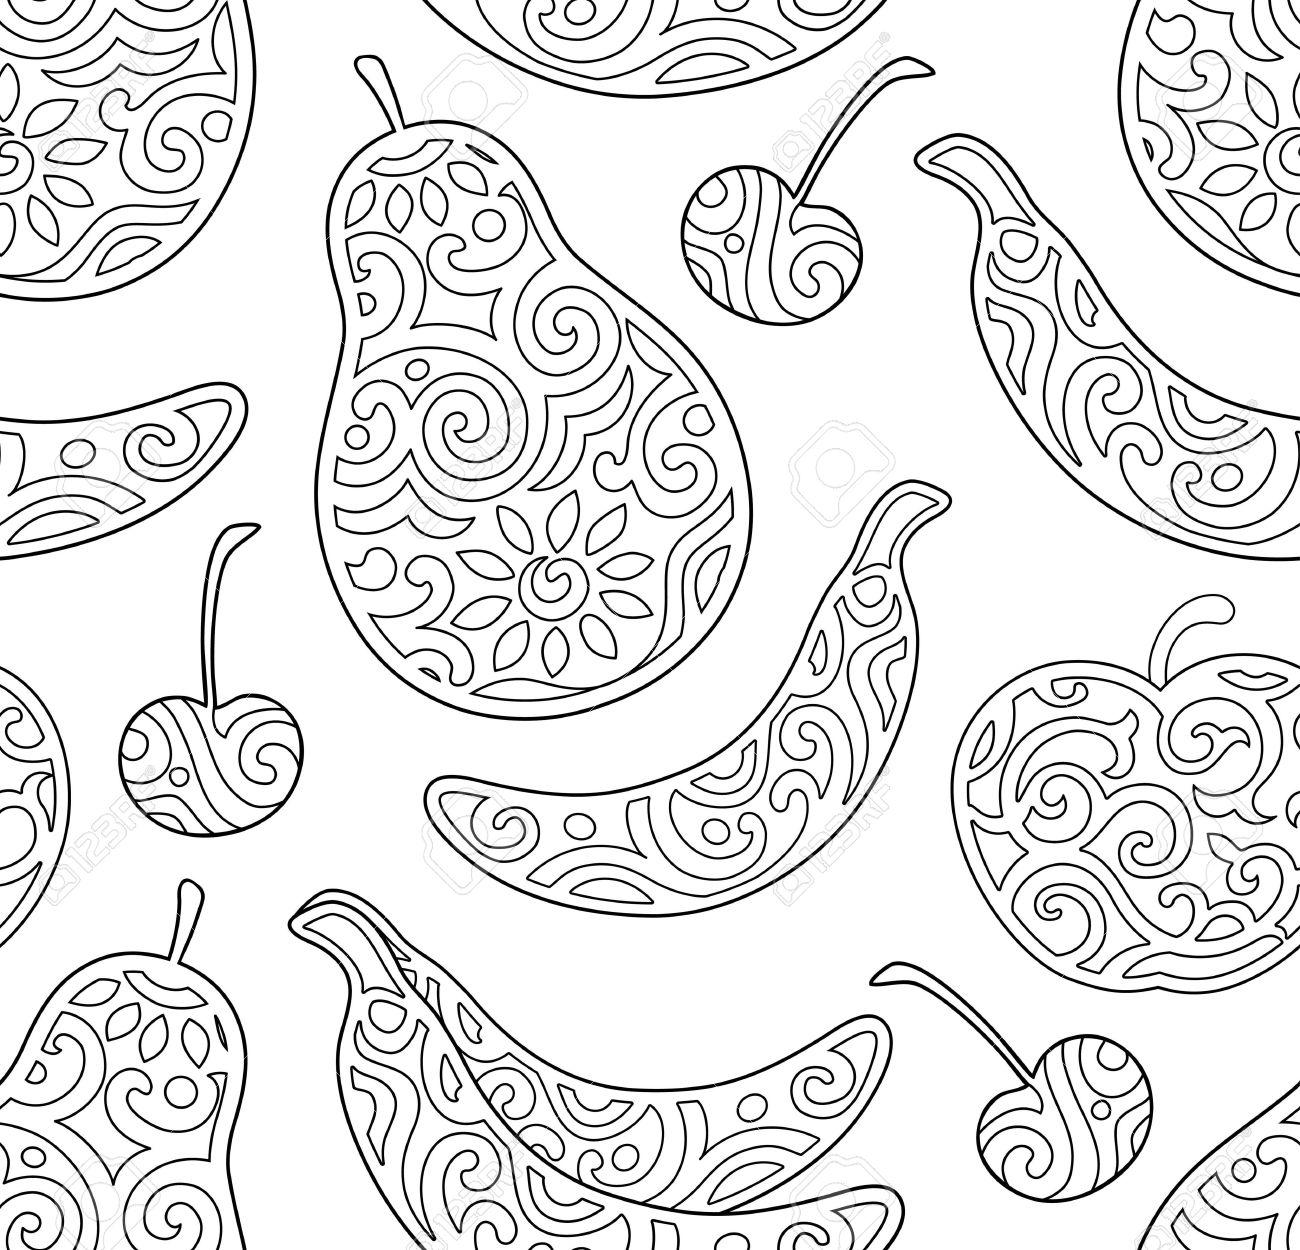 Dibujos Para Colorear Para Ninos Y Adultos Con Frutas Ilustraciones